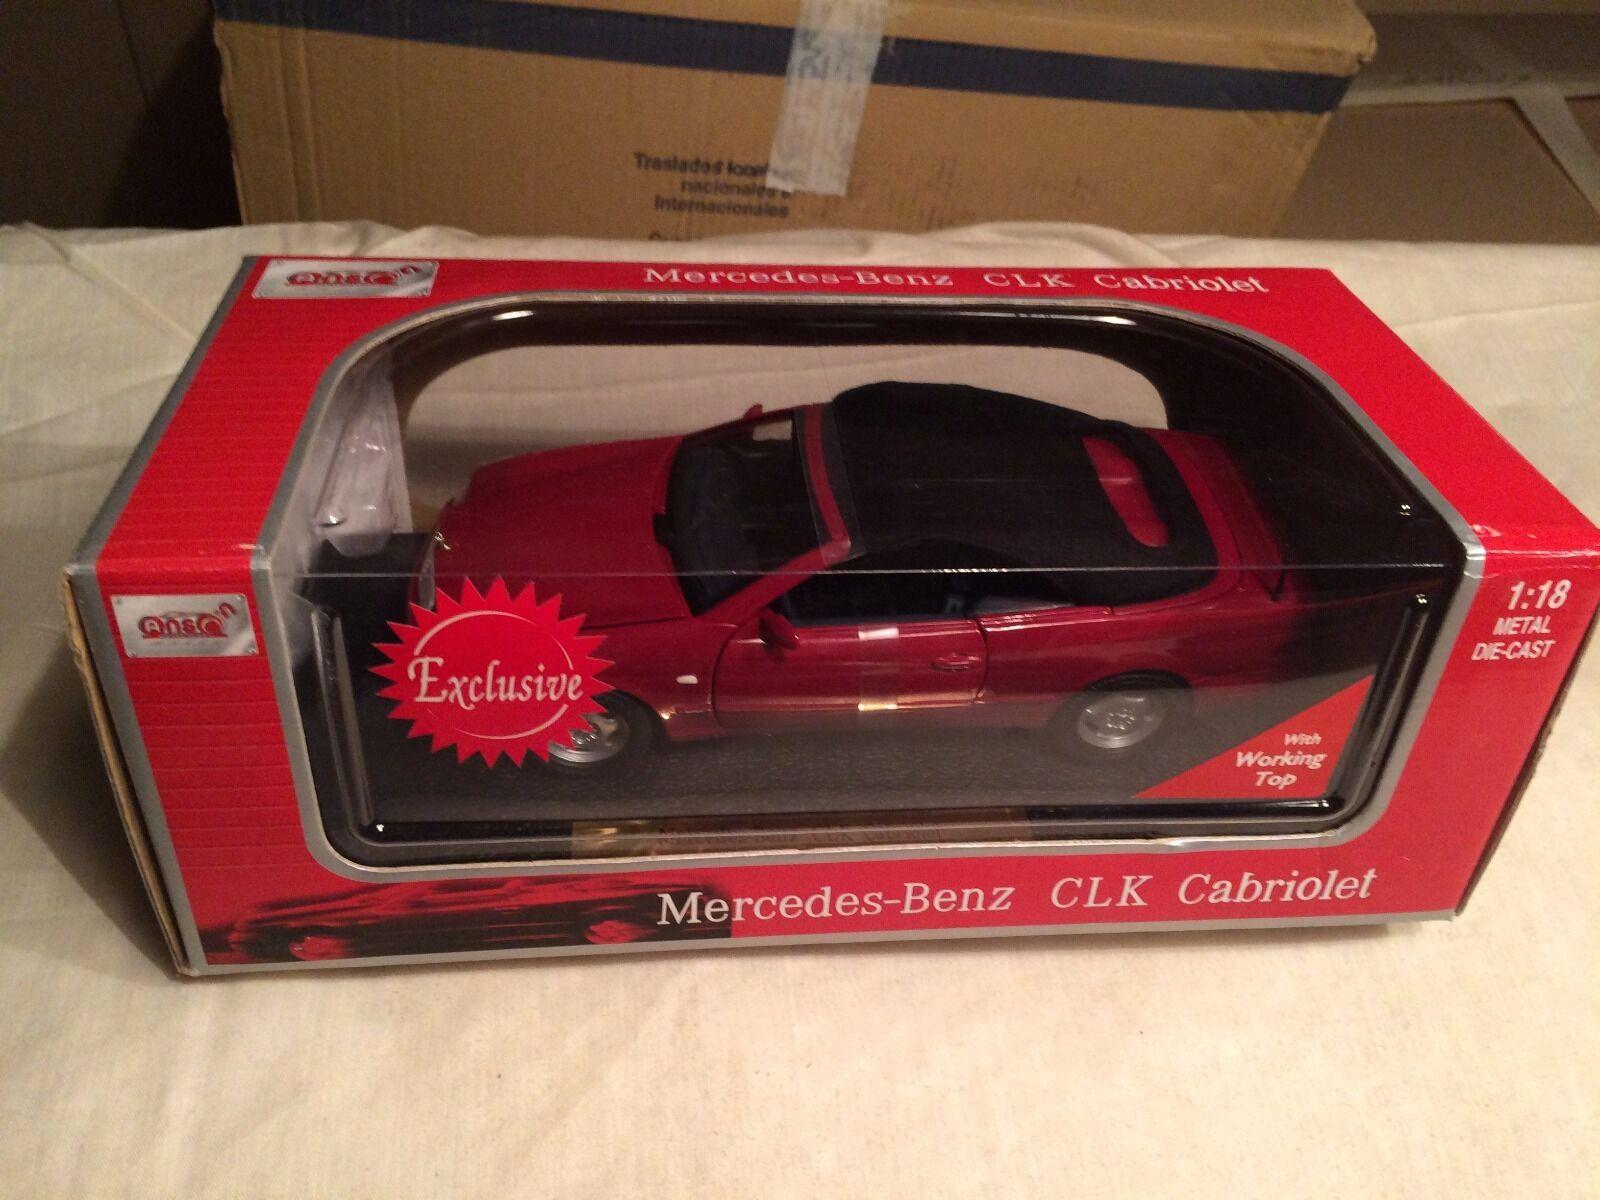 Mercedes Benz CLK 320 Cabrio Anson 30338 1 18 scale